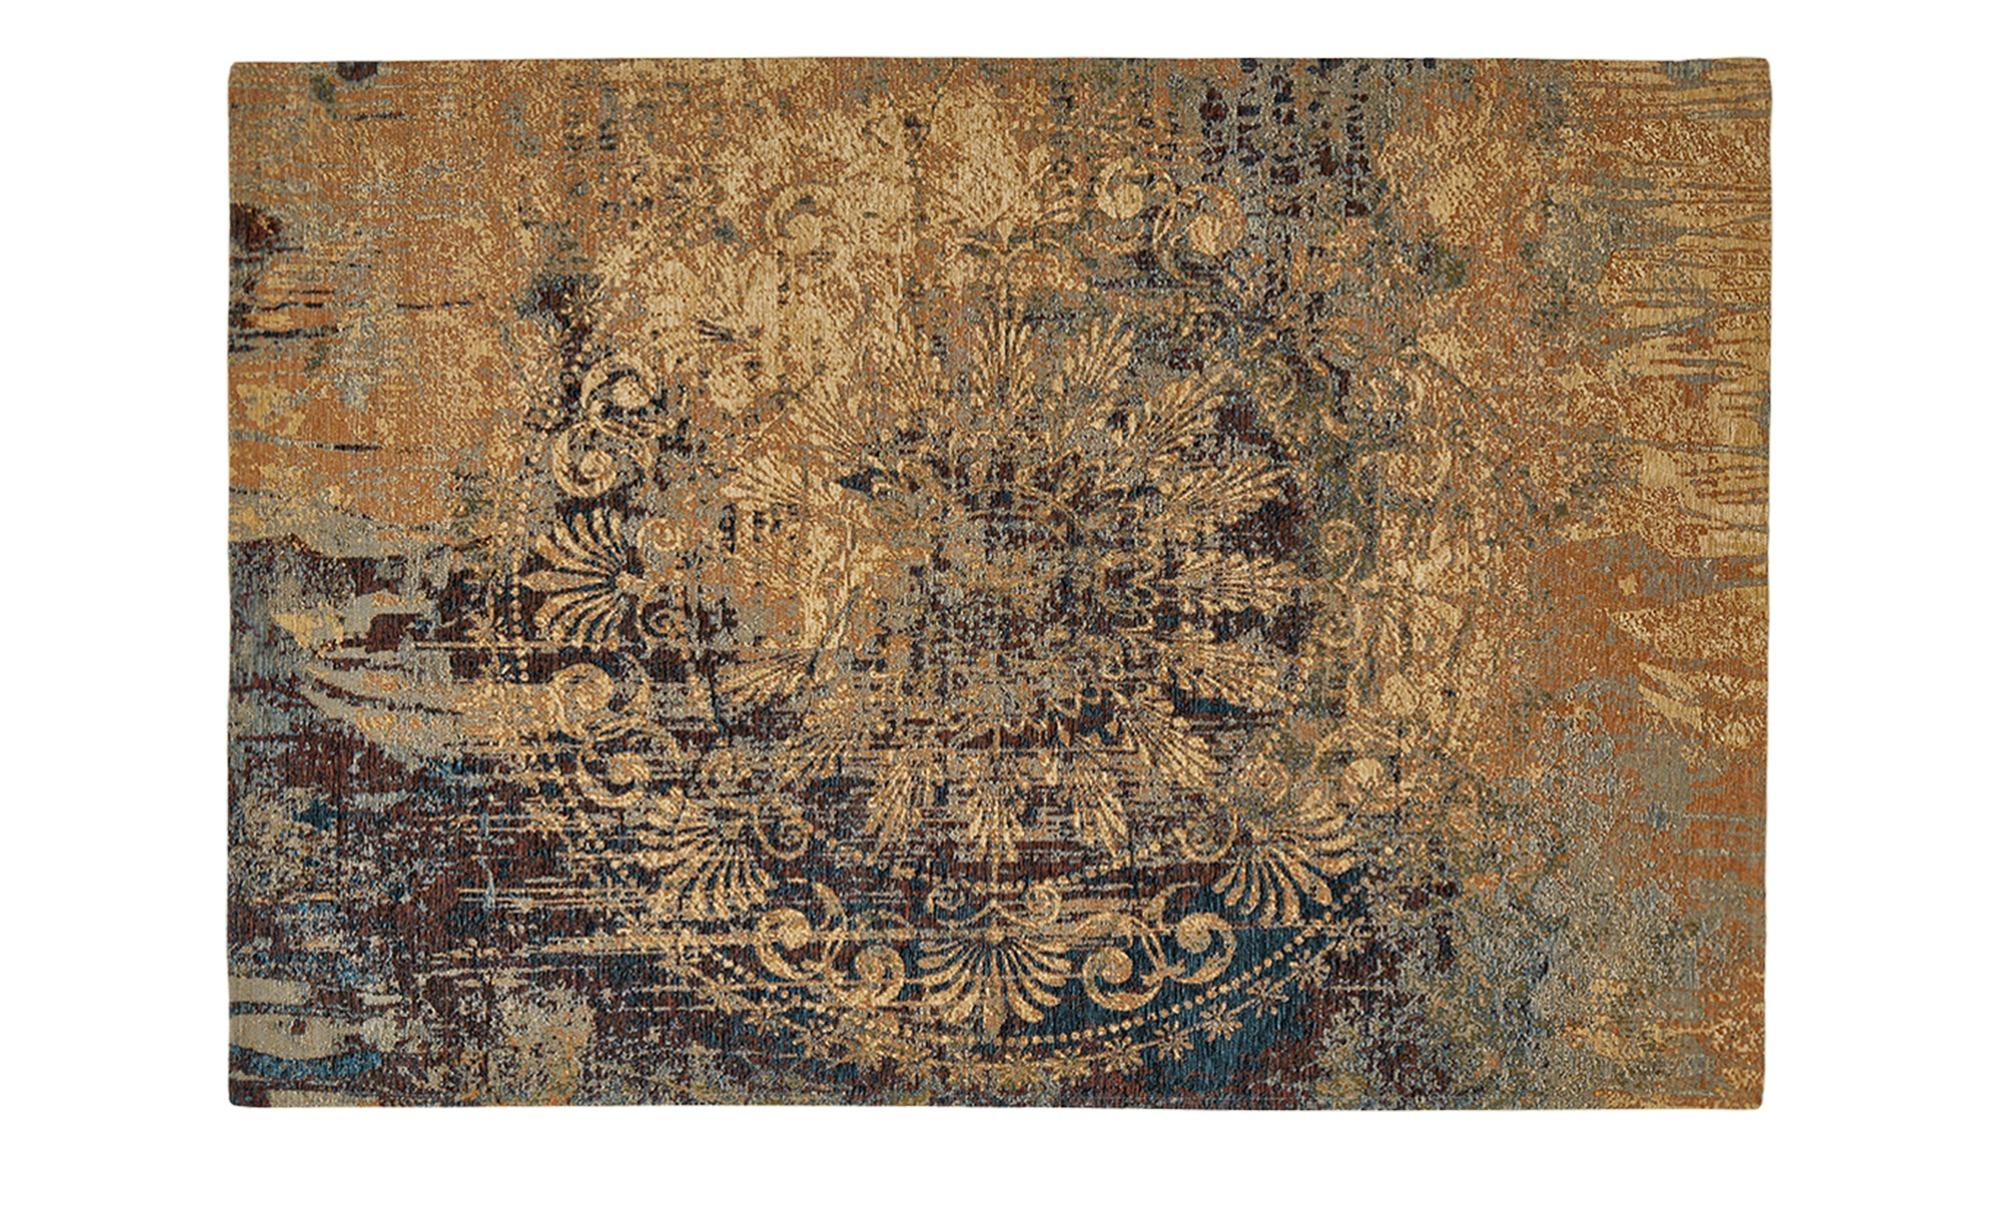 Webteppich  Antique ¦ blau ¦ 55% Acryl-Chenille, 27% Polyester, 18% Baumwolle, Synthethische Fasern ¦ Maße (cm): B: 160 Teppiche > Wohnteppiche > Vintage Teppiche - Höffner